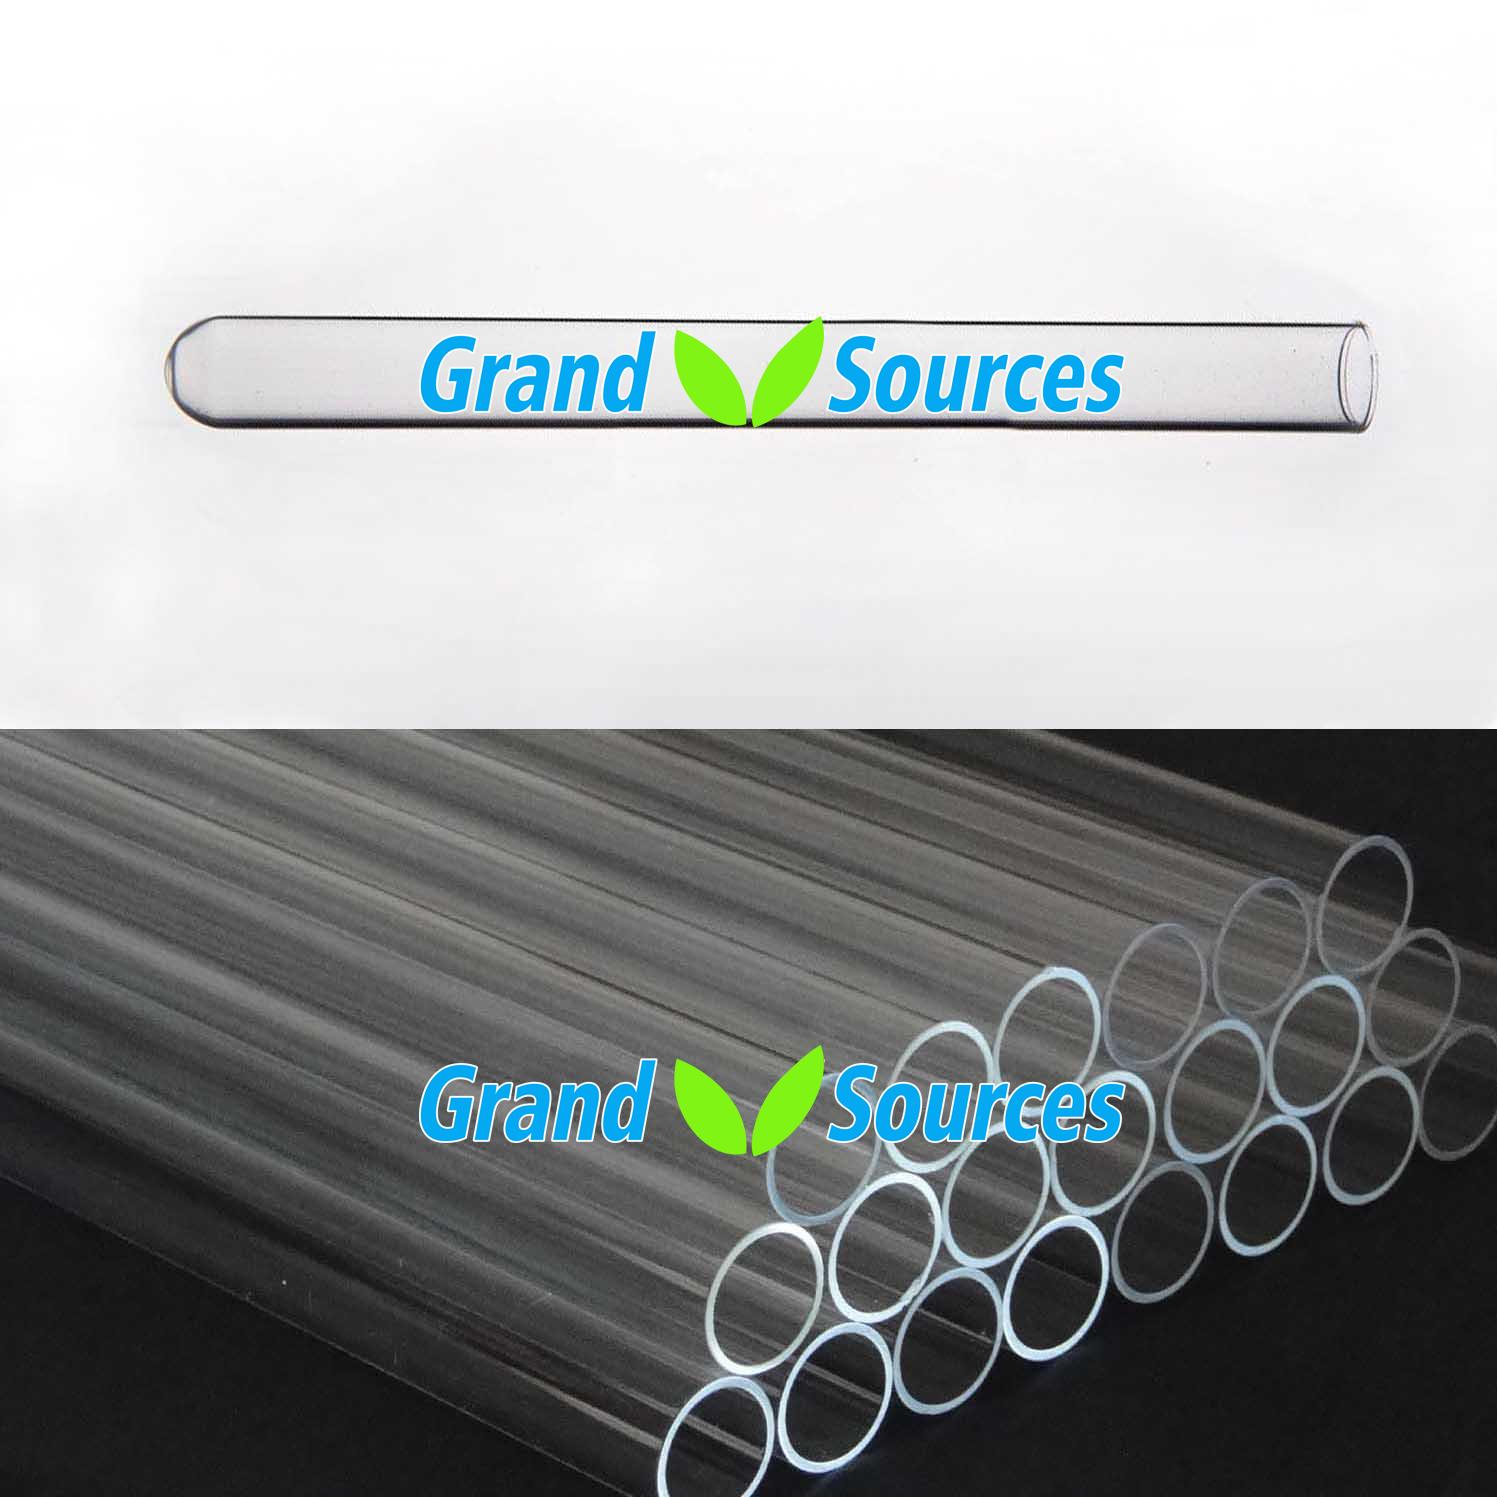 各种类型的透明石英管.jpg